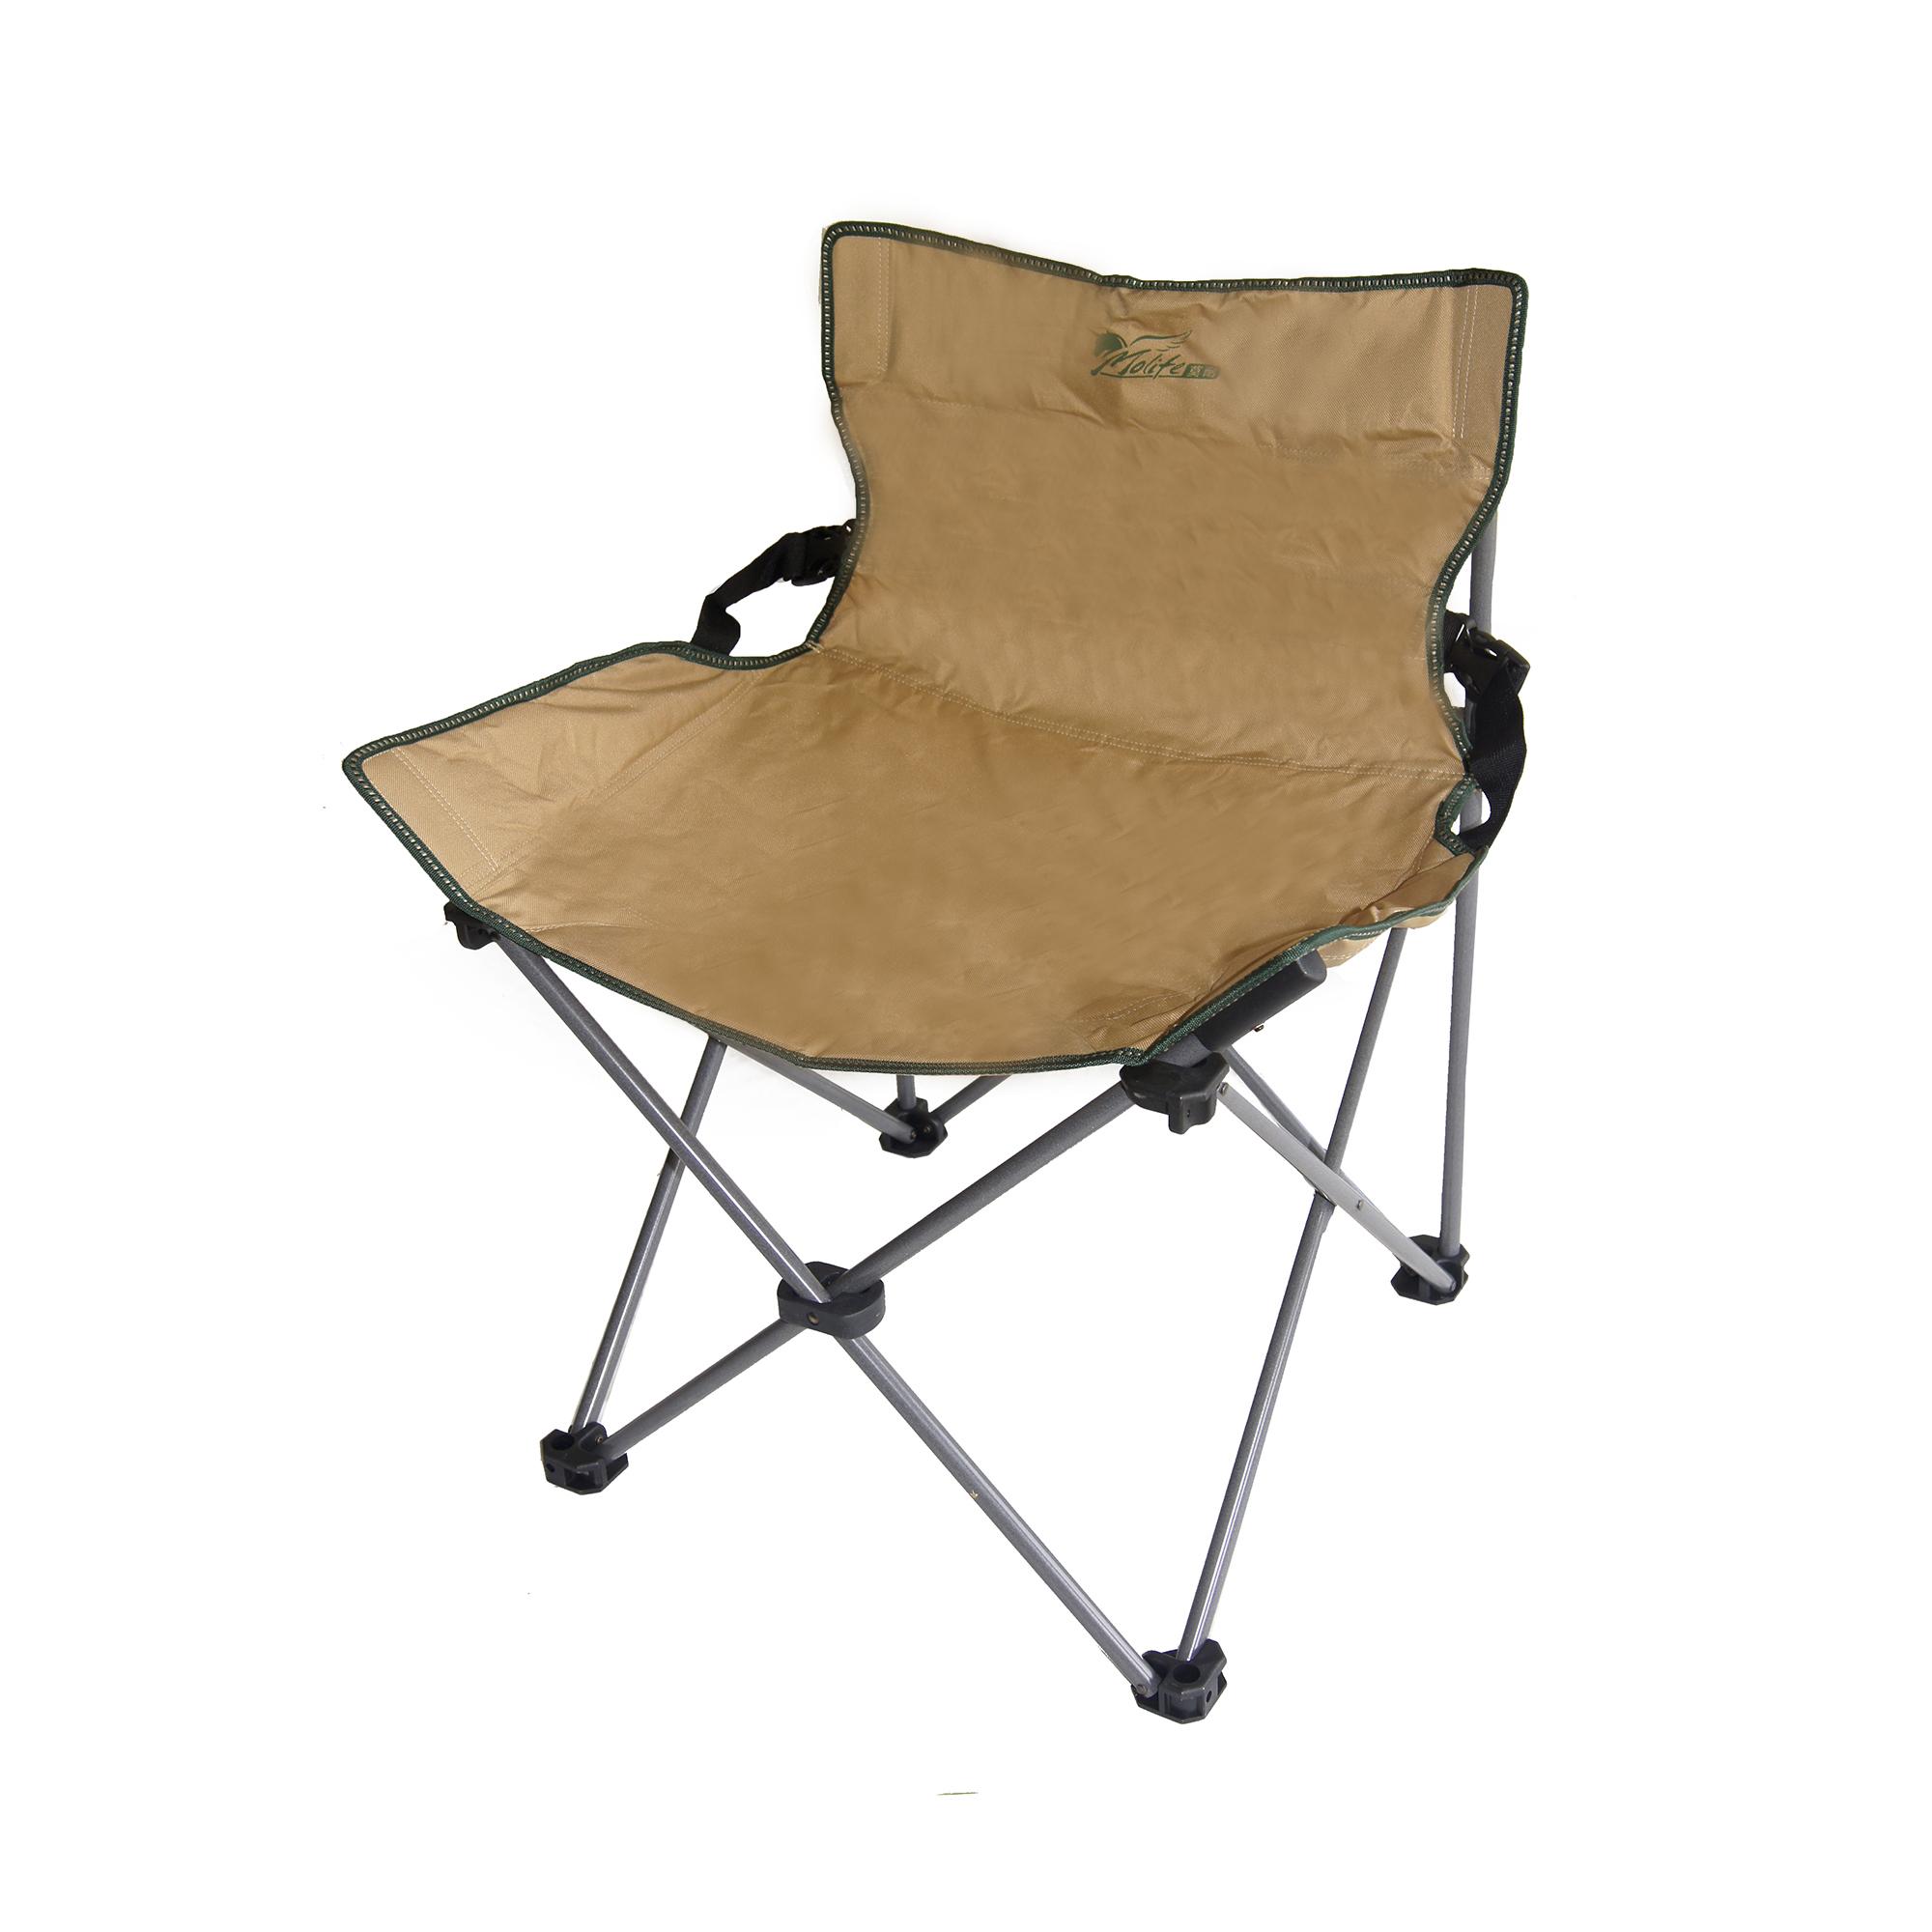 armless folding chair massager pad beach kmart